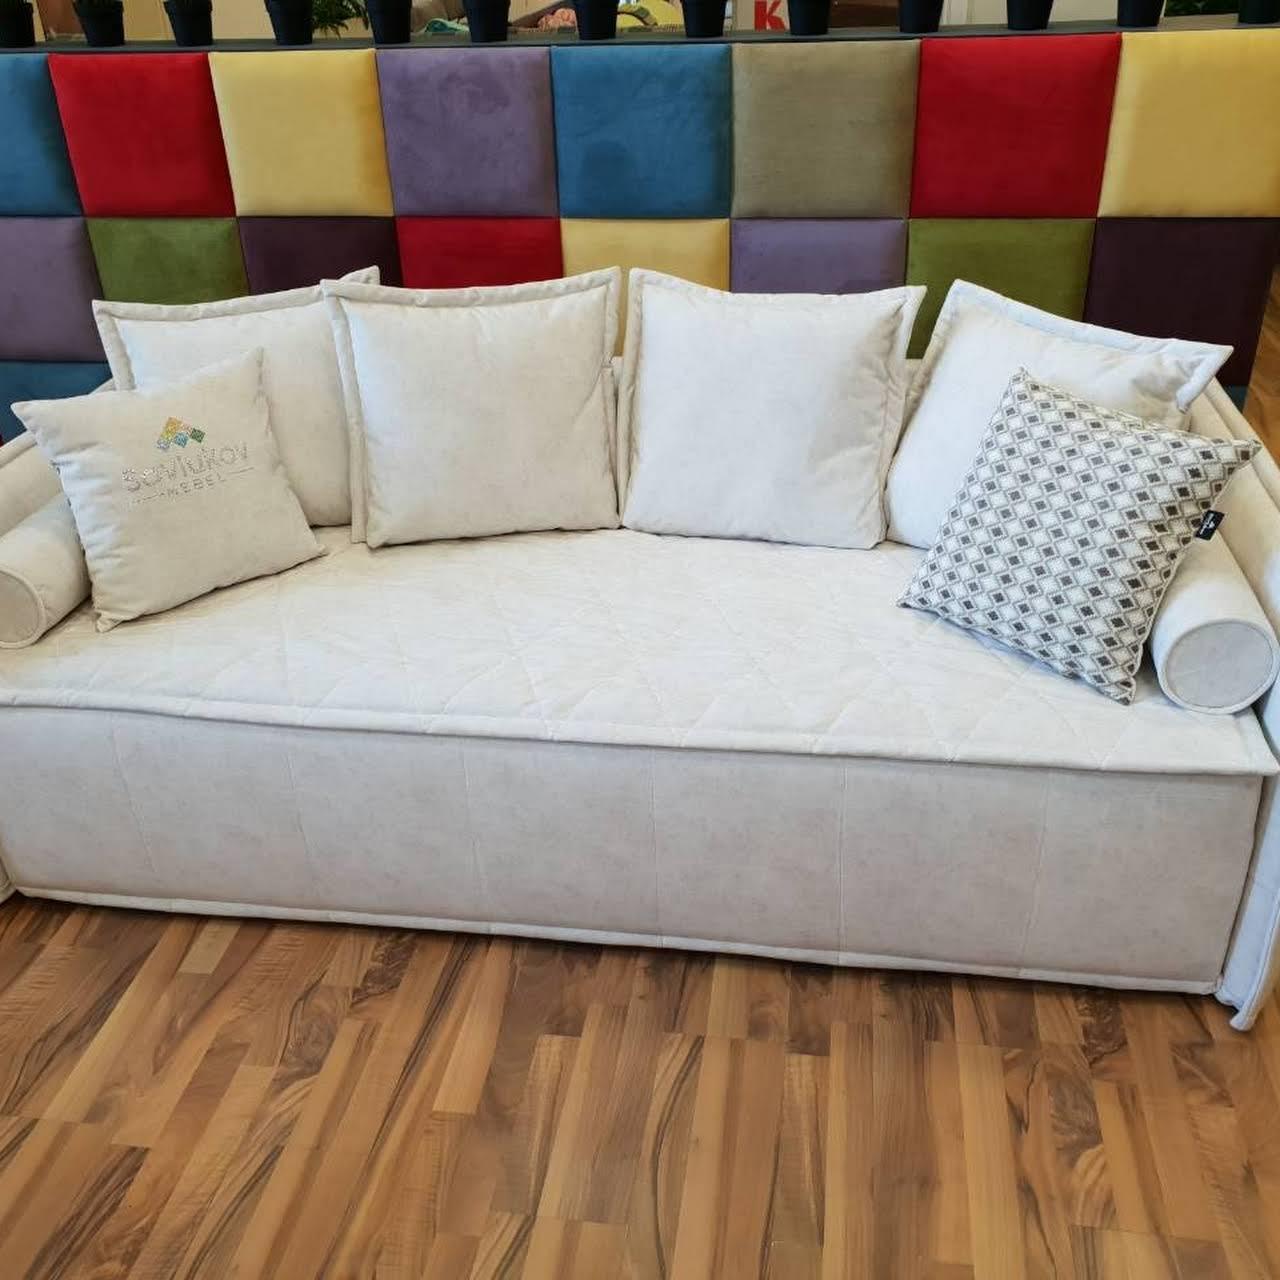 Мебельные ткани витебск купить купить брезент в леруа